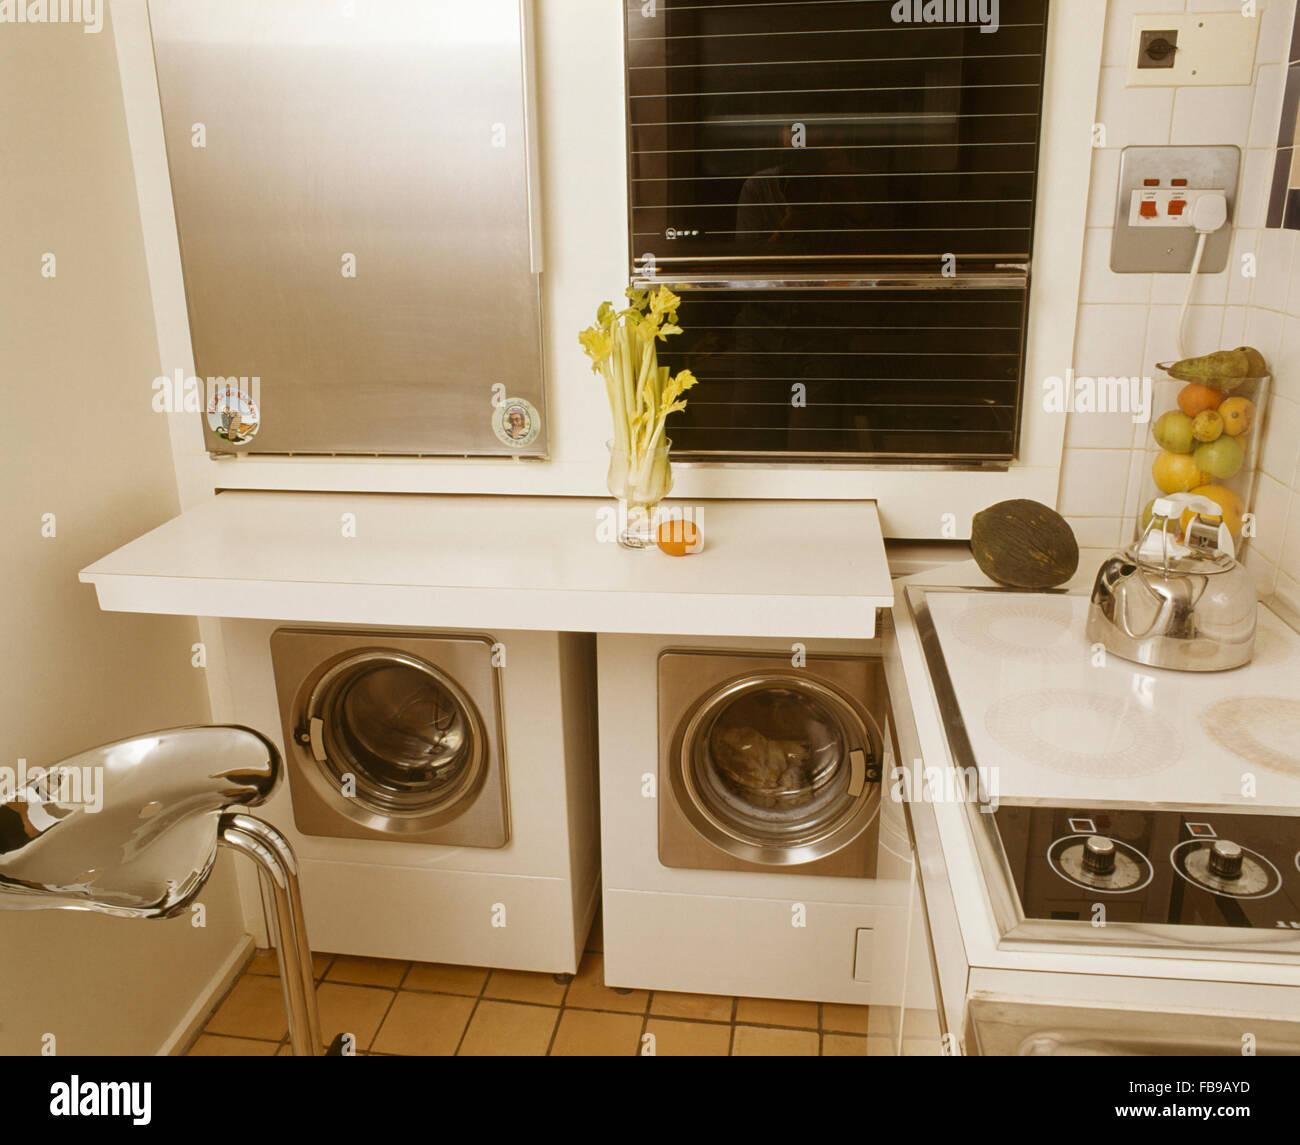 Waschmaschine Kuche Waschmaschine Unter Waschbecken Fotos Designs